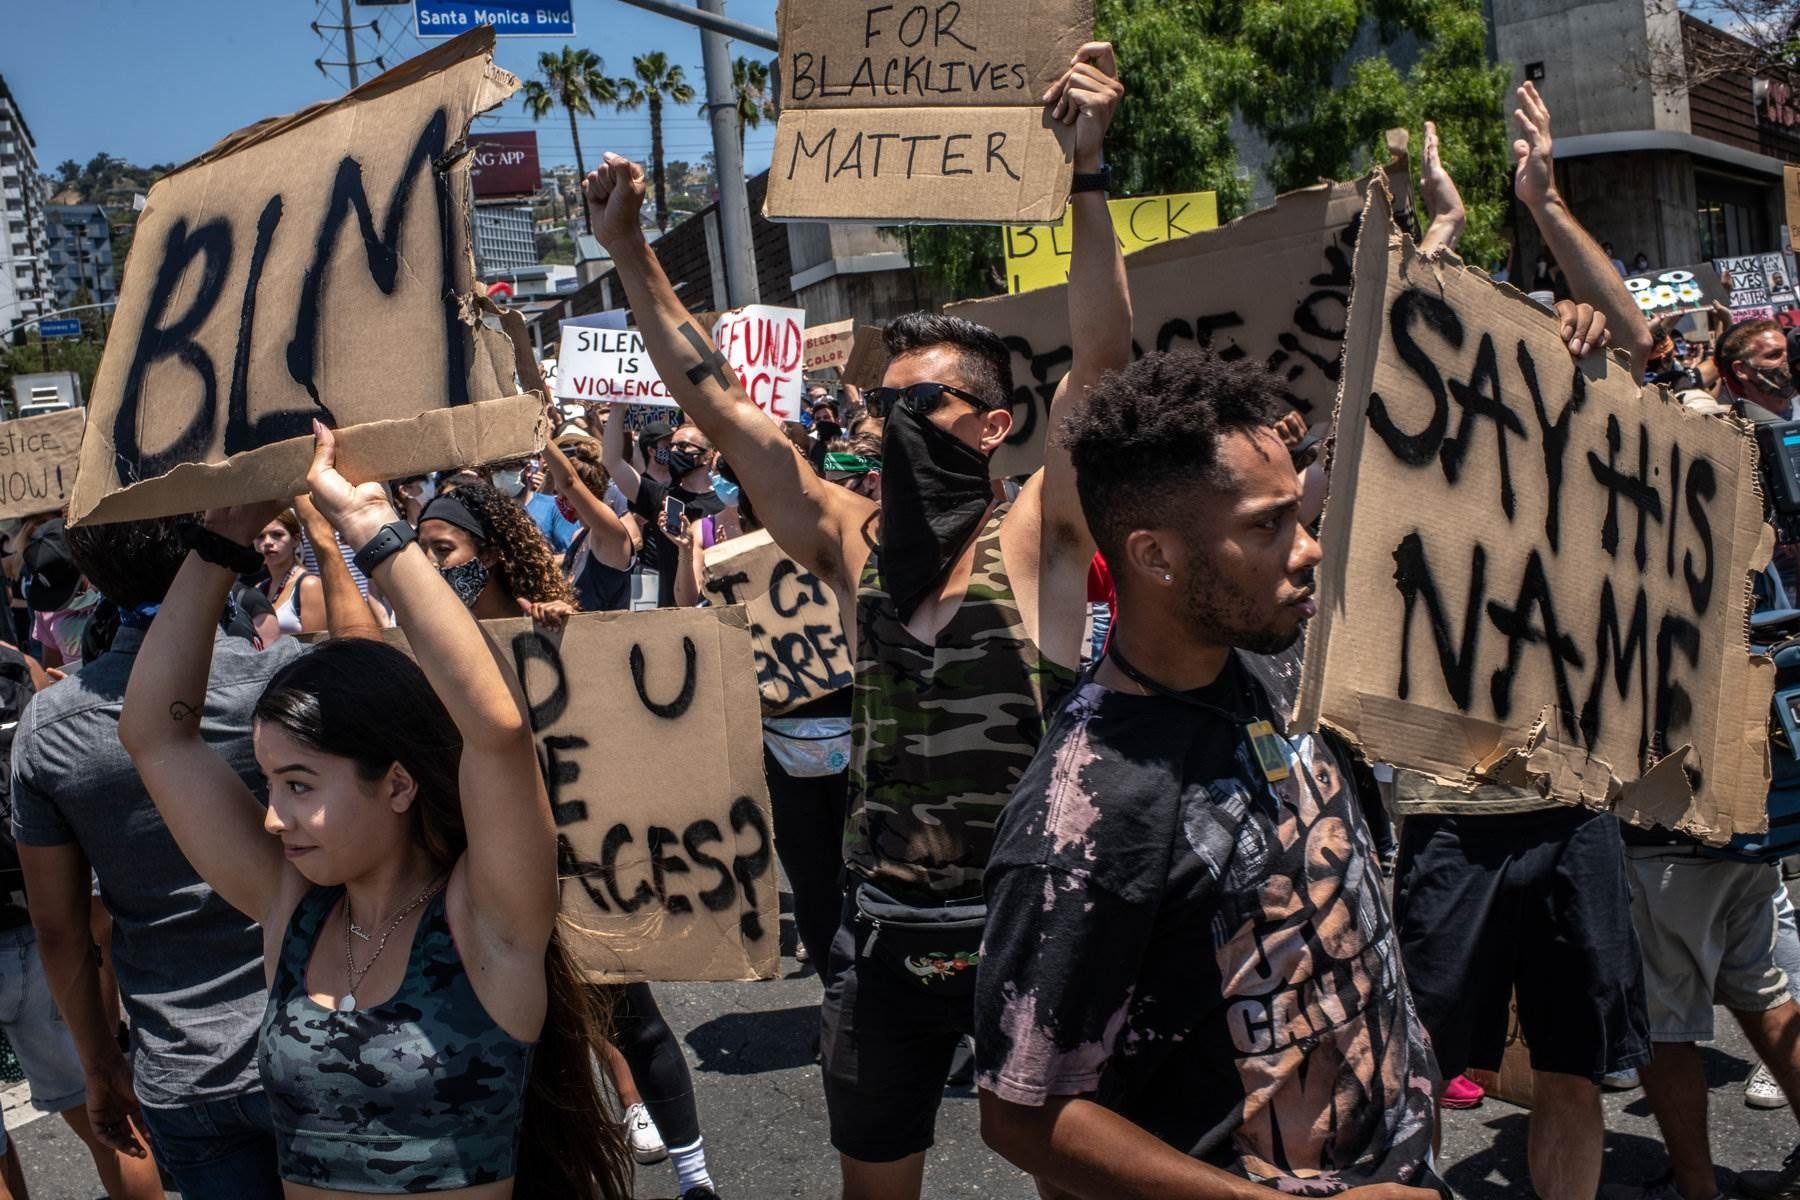 نواب أميركيون يطالبون بإجابات بعد زعم أن إدارة ترامب تجسست على المتظاهرين